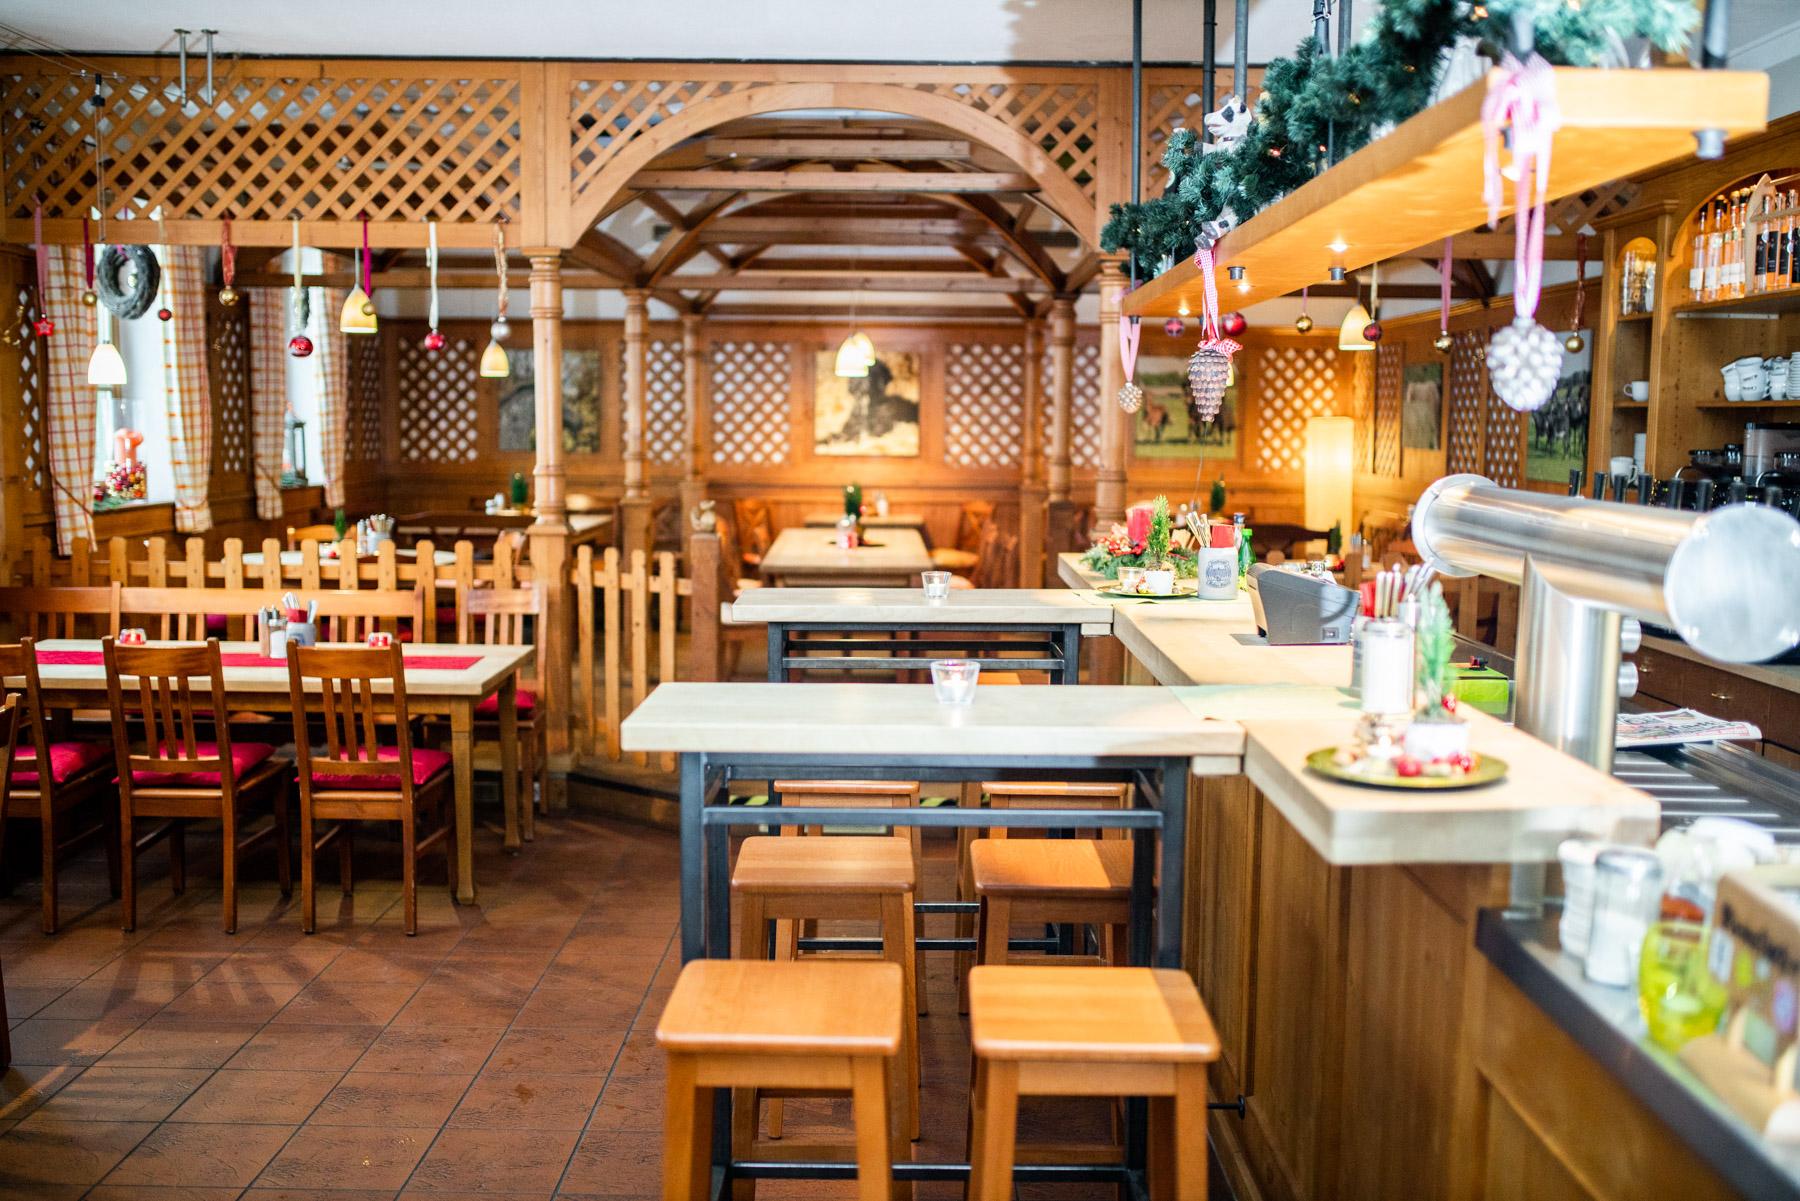 reitsberger-hof-vaterstetten-restaurant-12122018-mokati-73